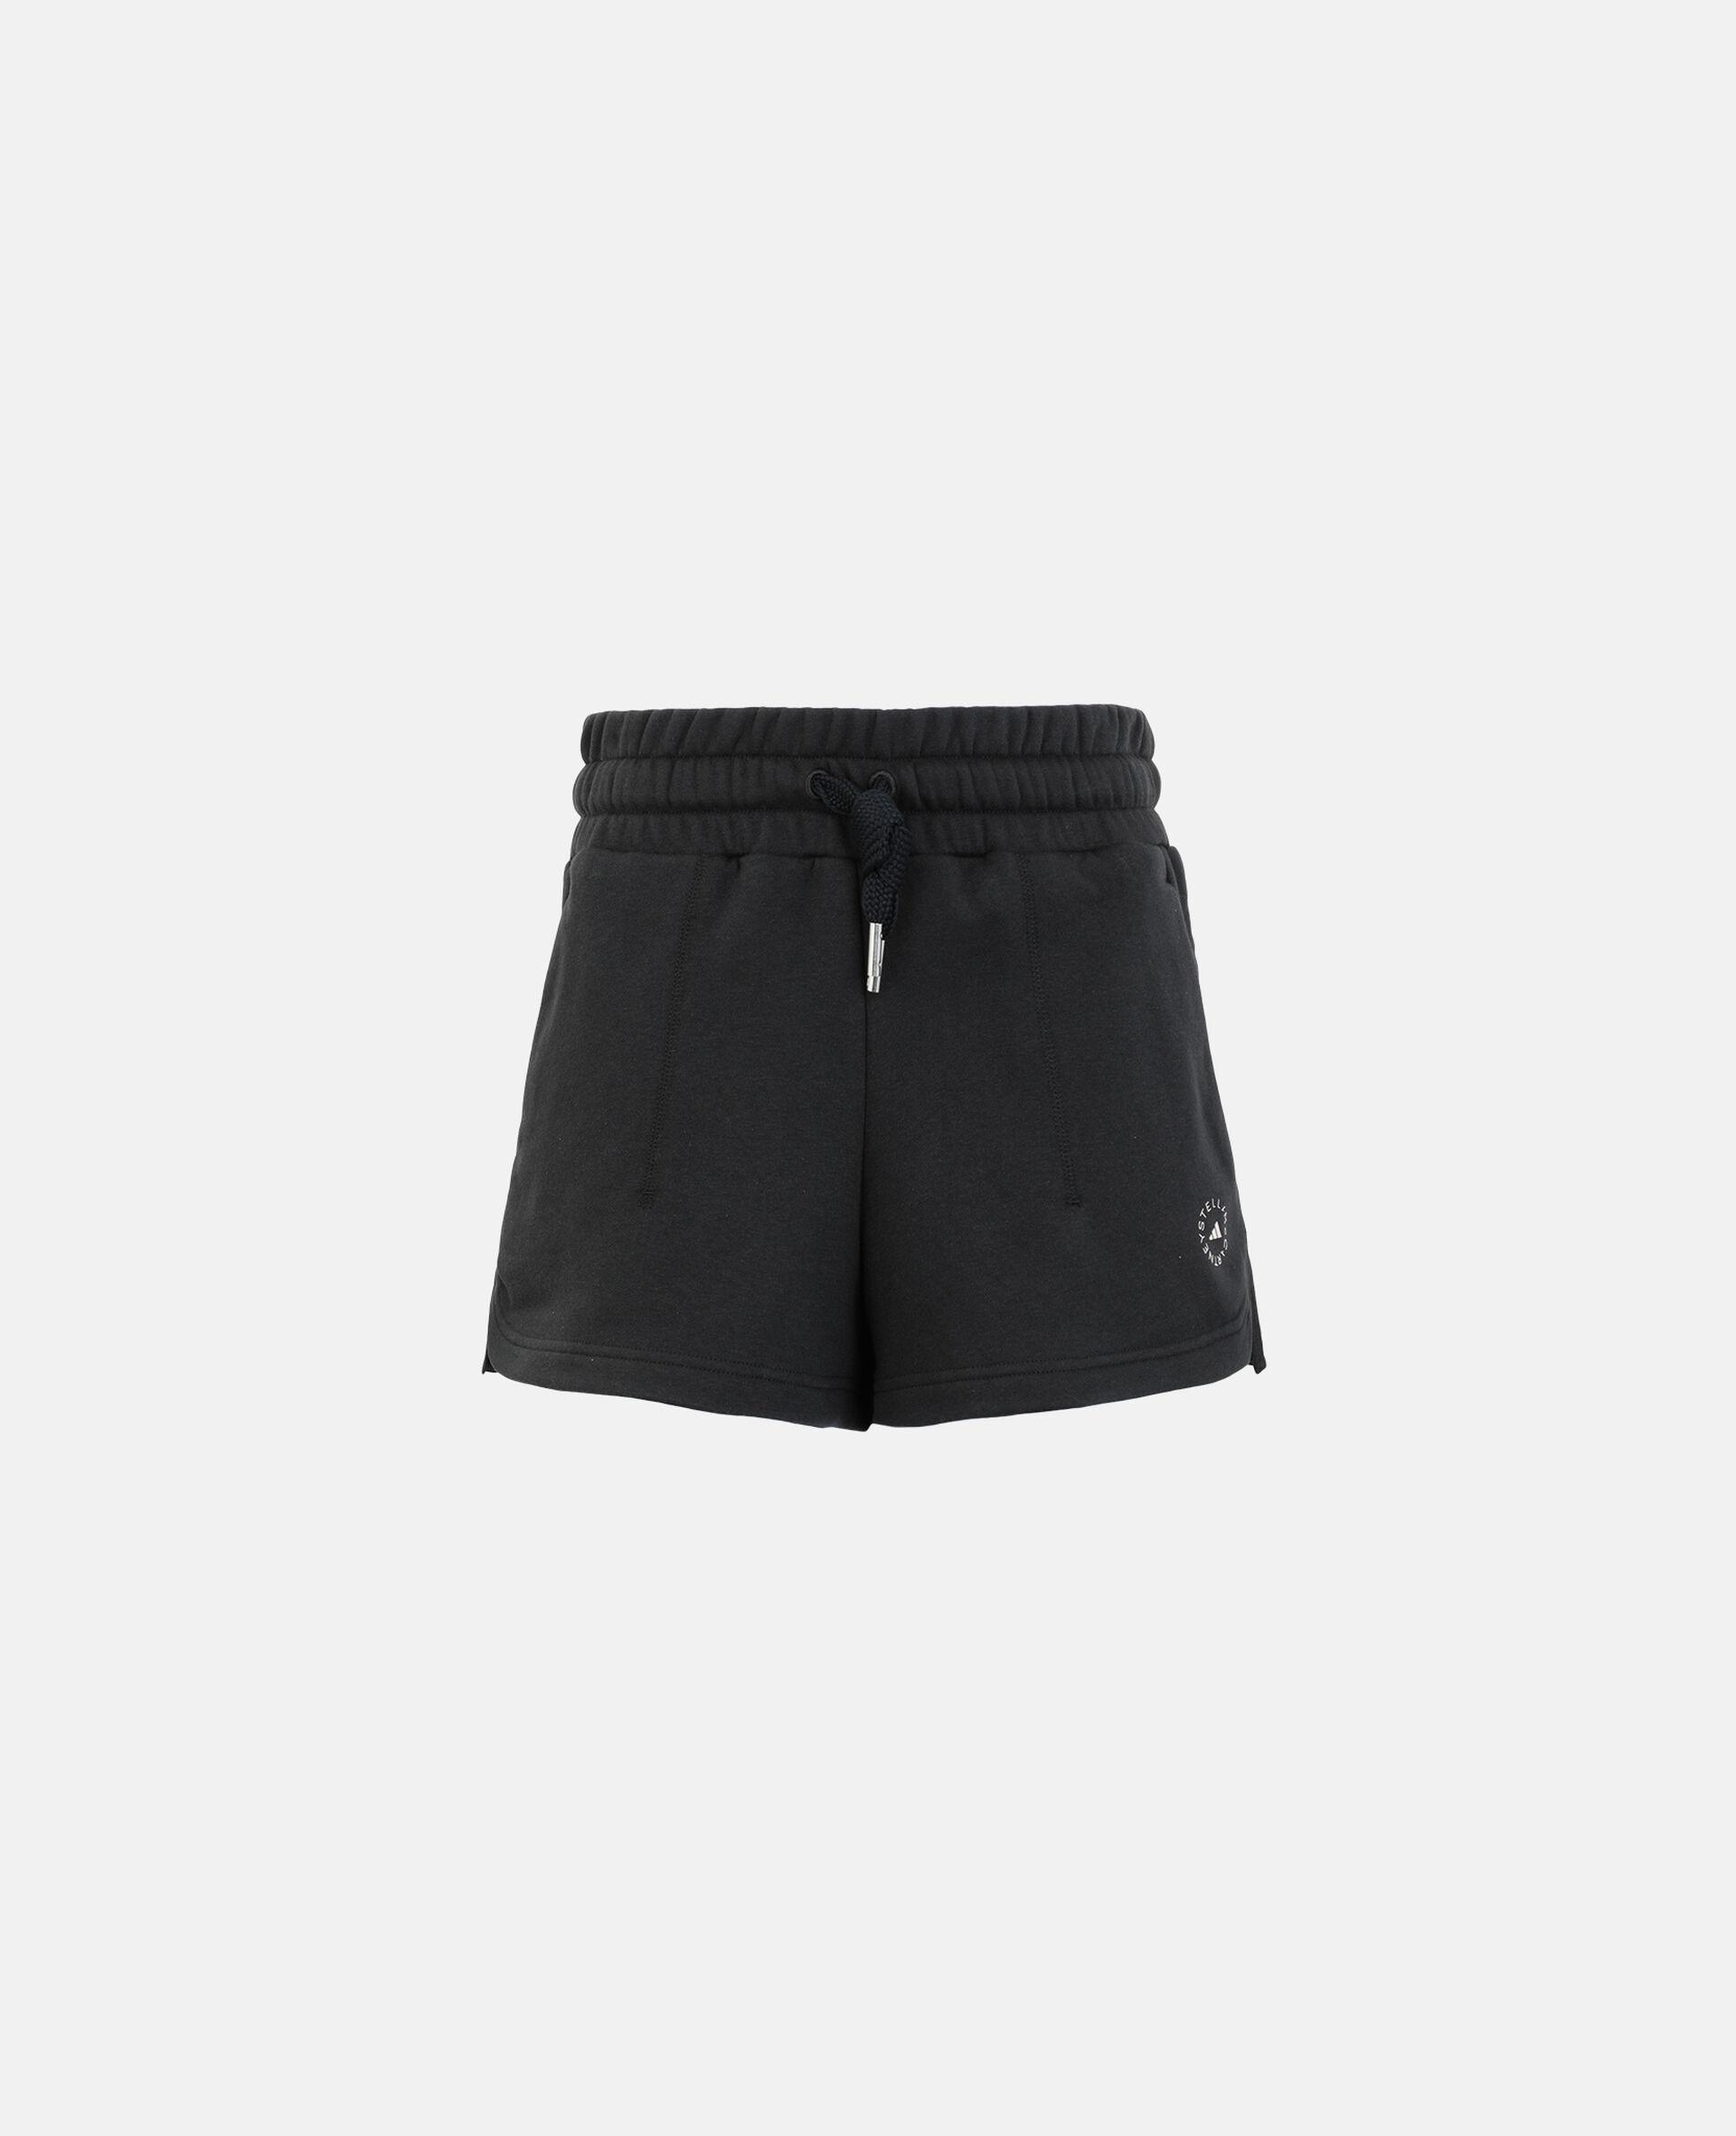 Black Sweat Fleece Short-Black-large image number 0